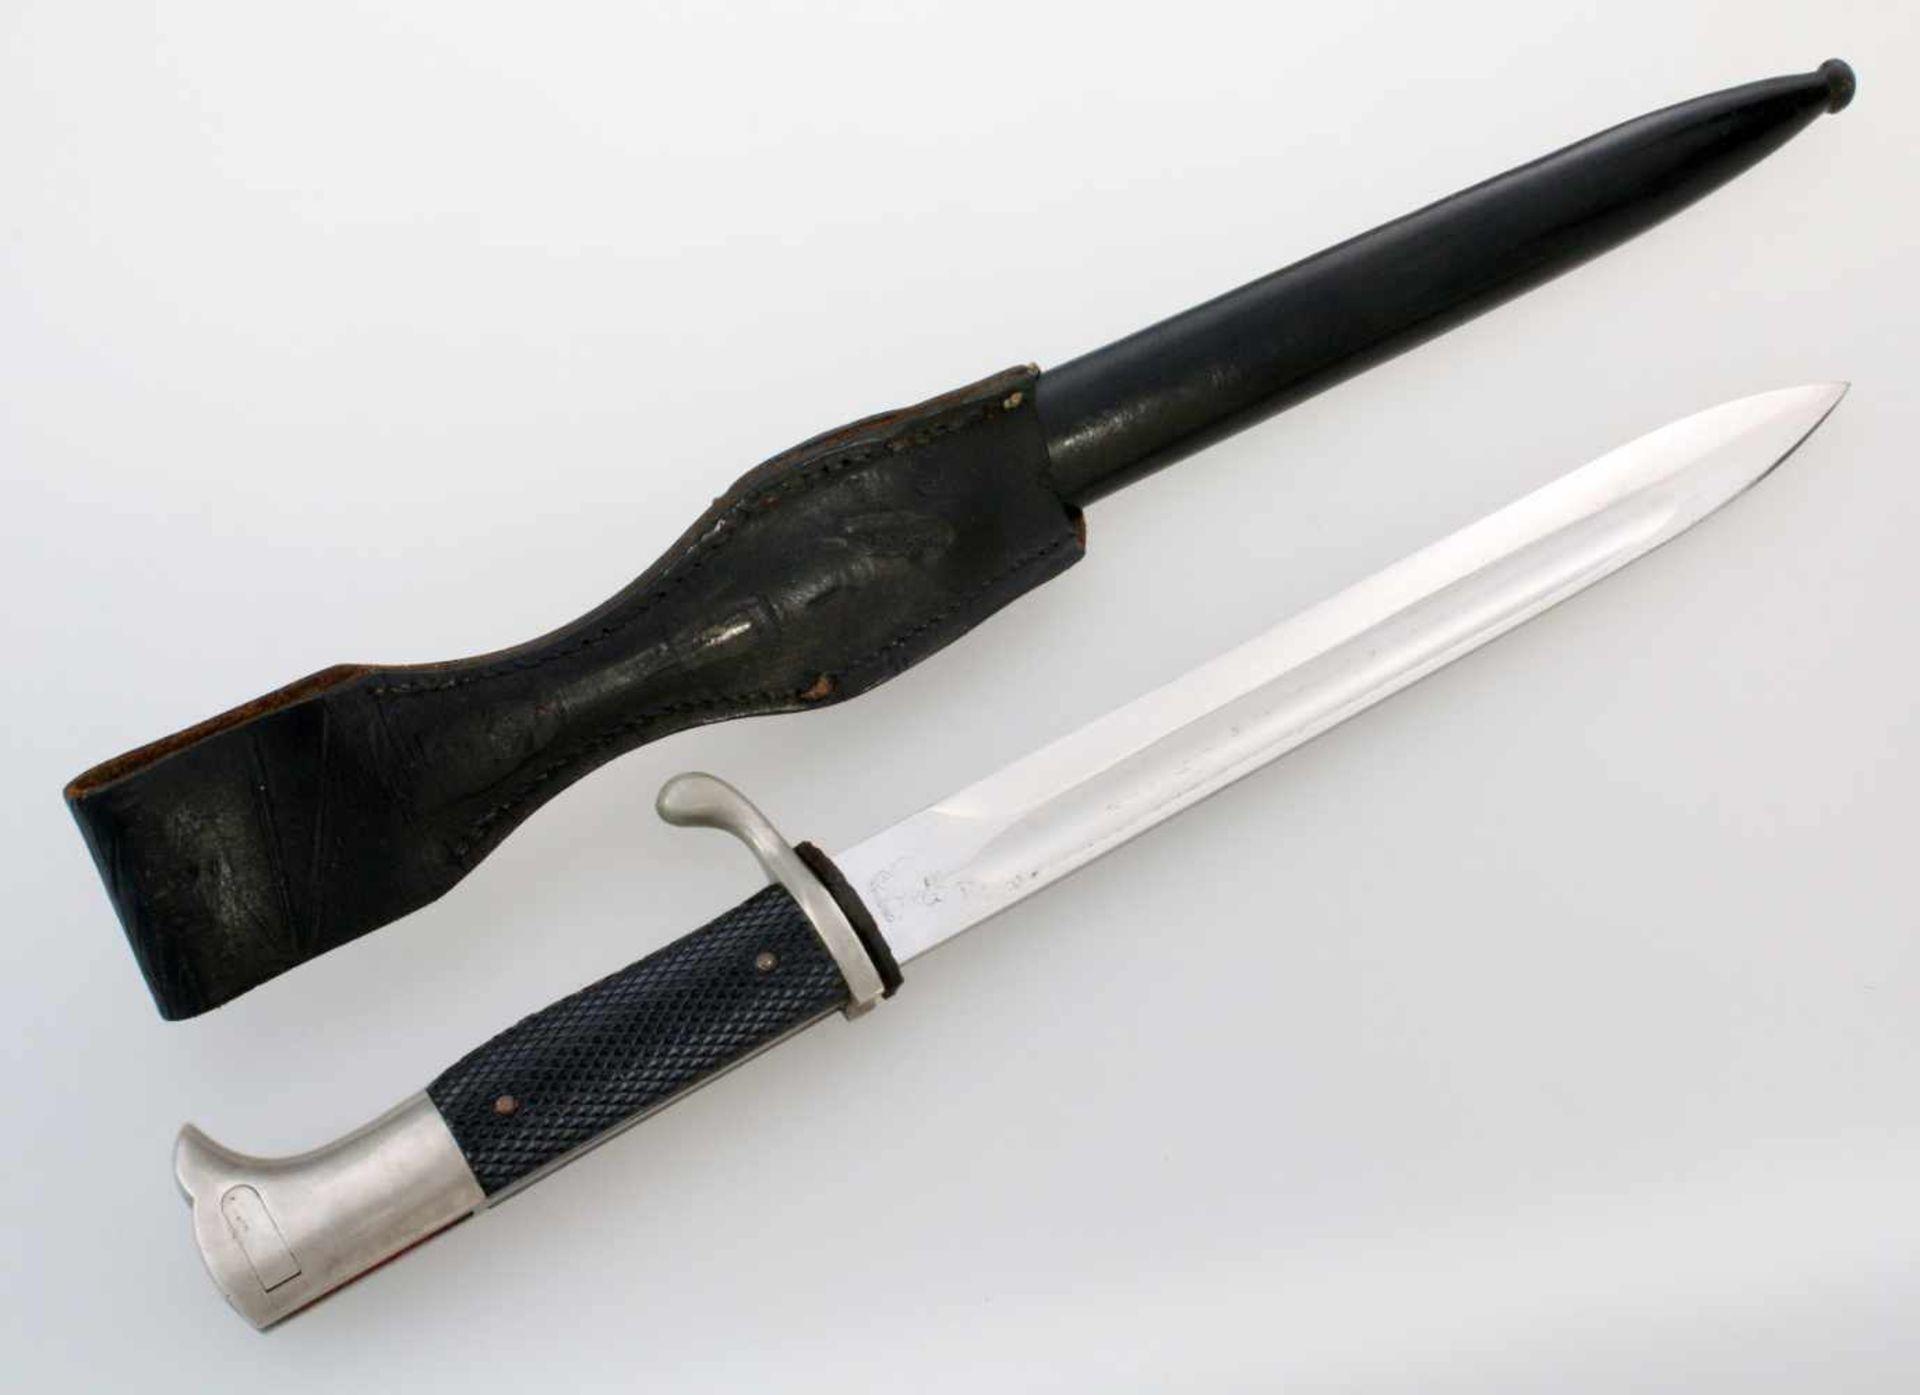 Deutsches Reich - Extra-Seitengewehr 84/98Aufpflanzbares Eigentumsstück. Blanke, vernickelte, - Bild 2 aus 5